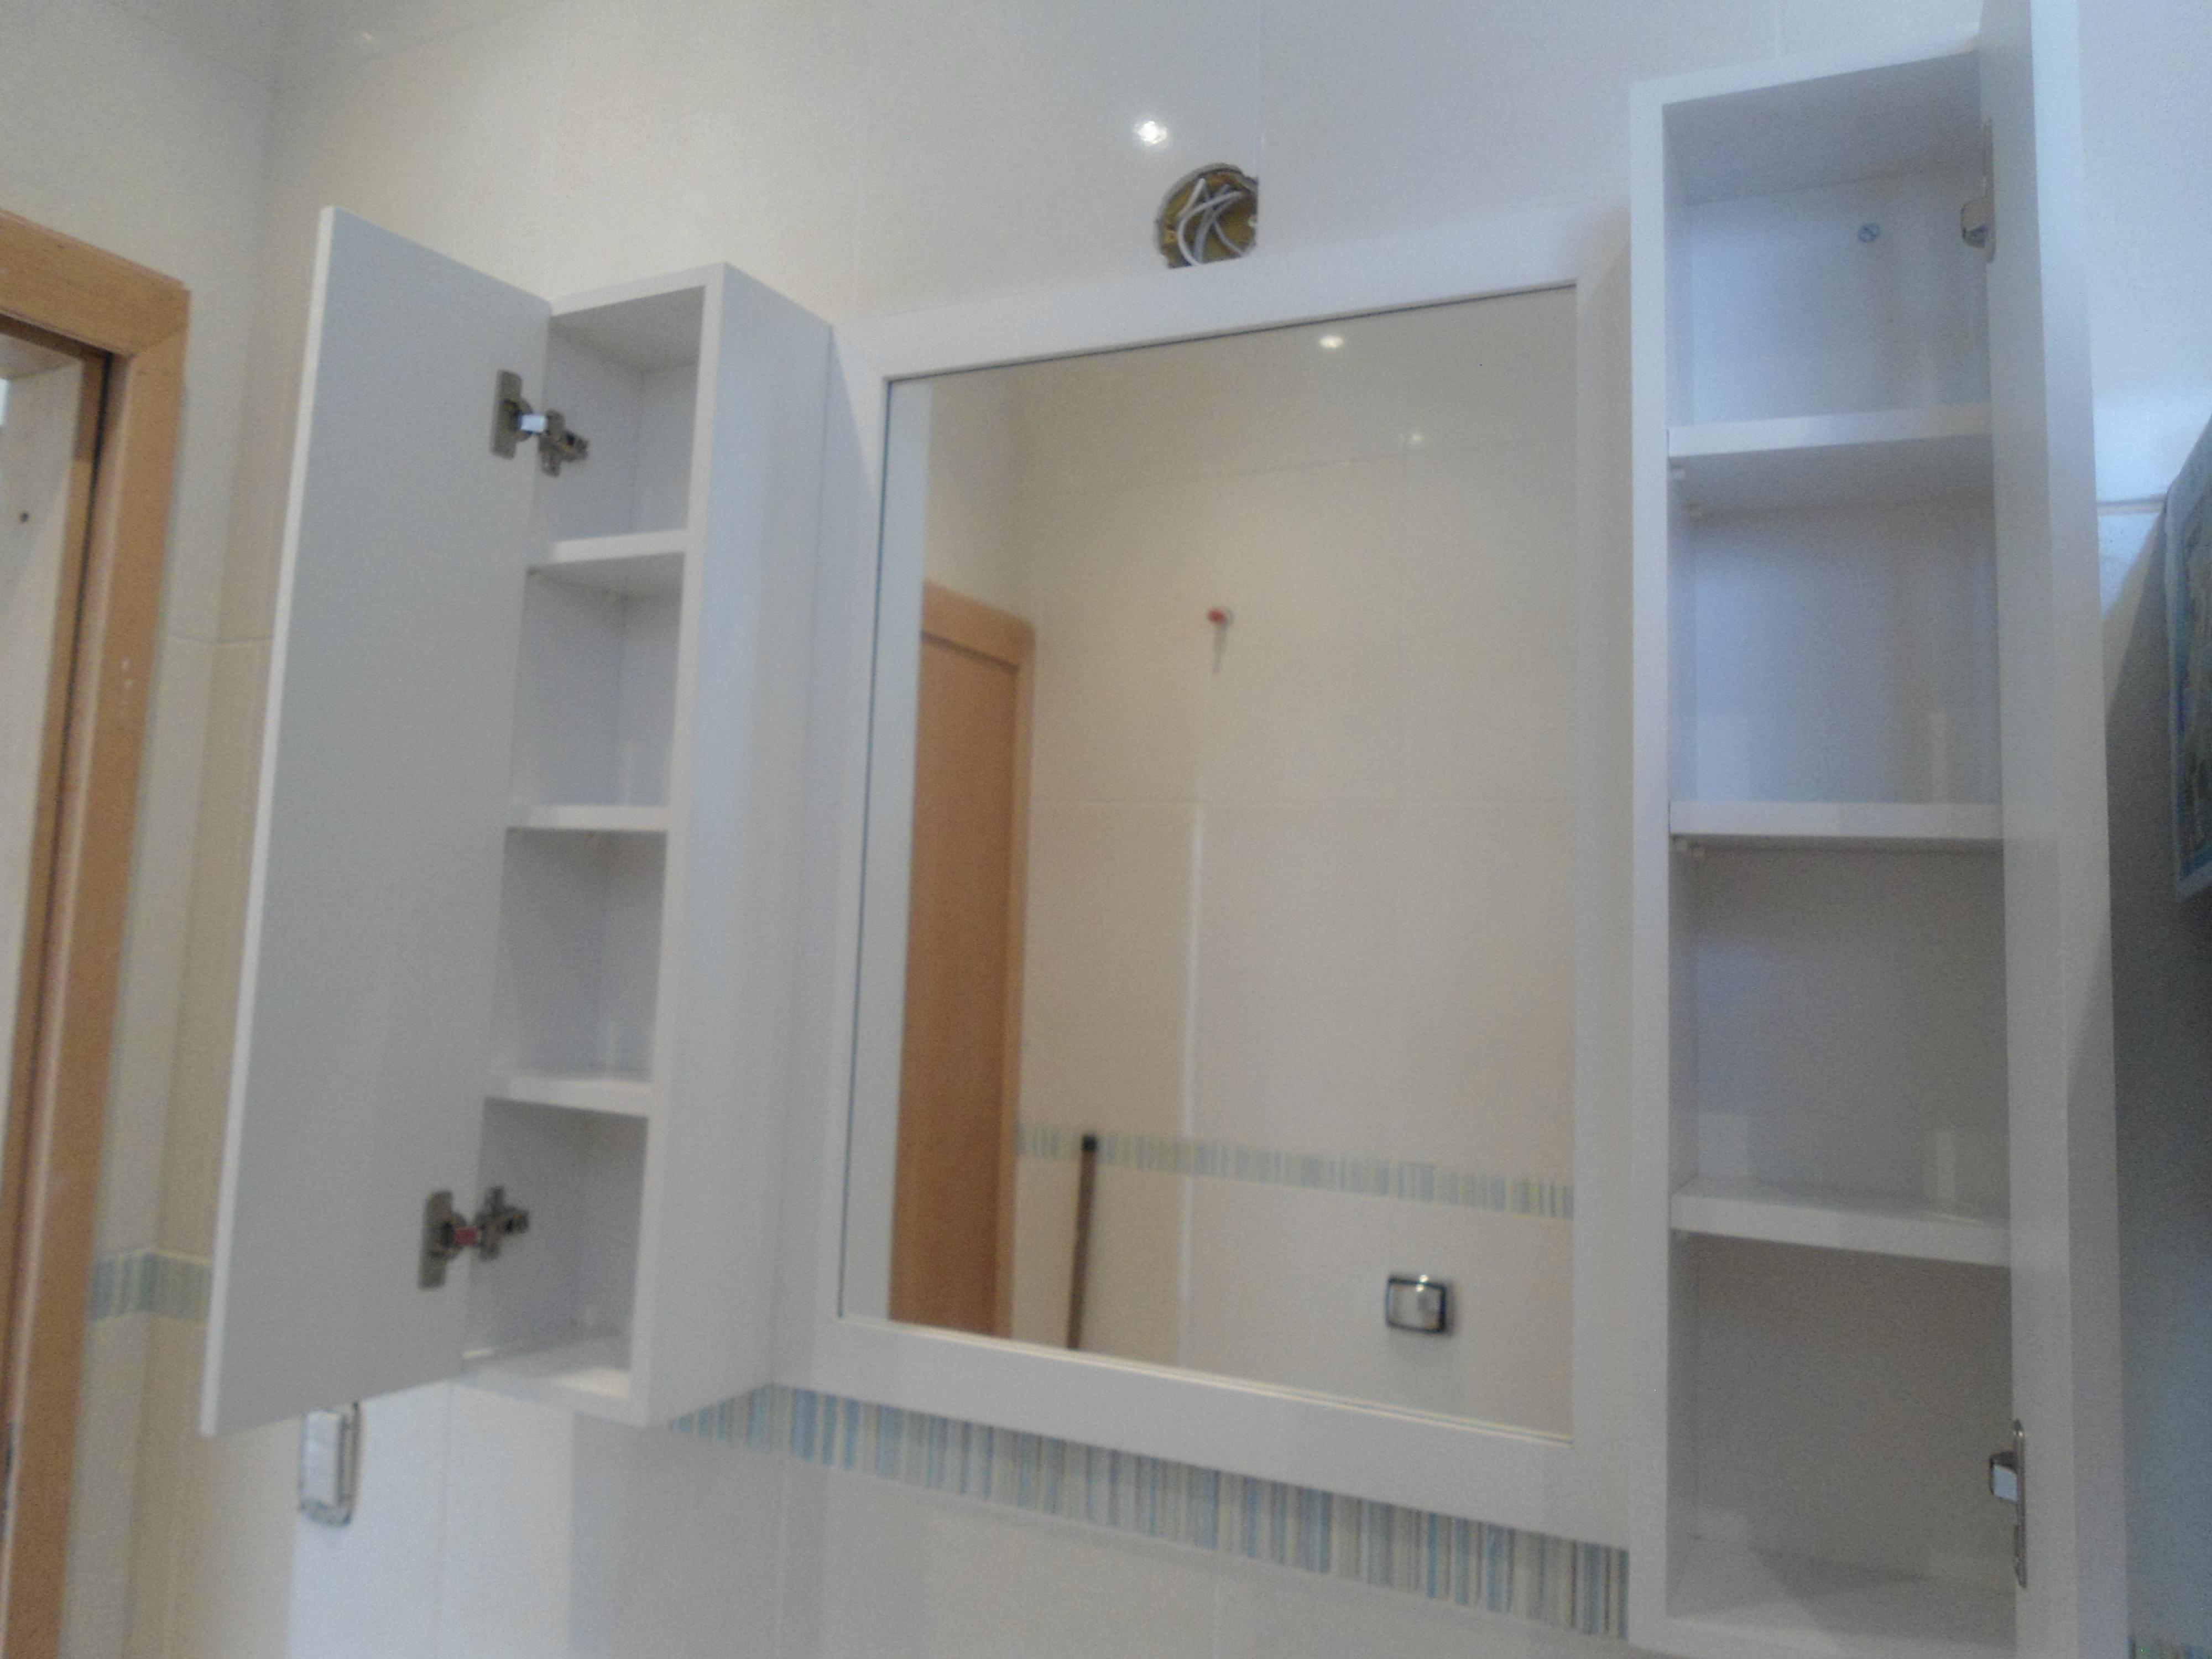 Armário de banheiro  LeandroGPmóveis  Elo7 -> Armario De Banheiro Com Chave